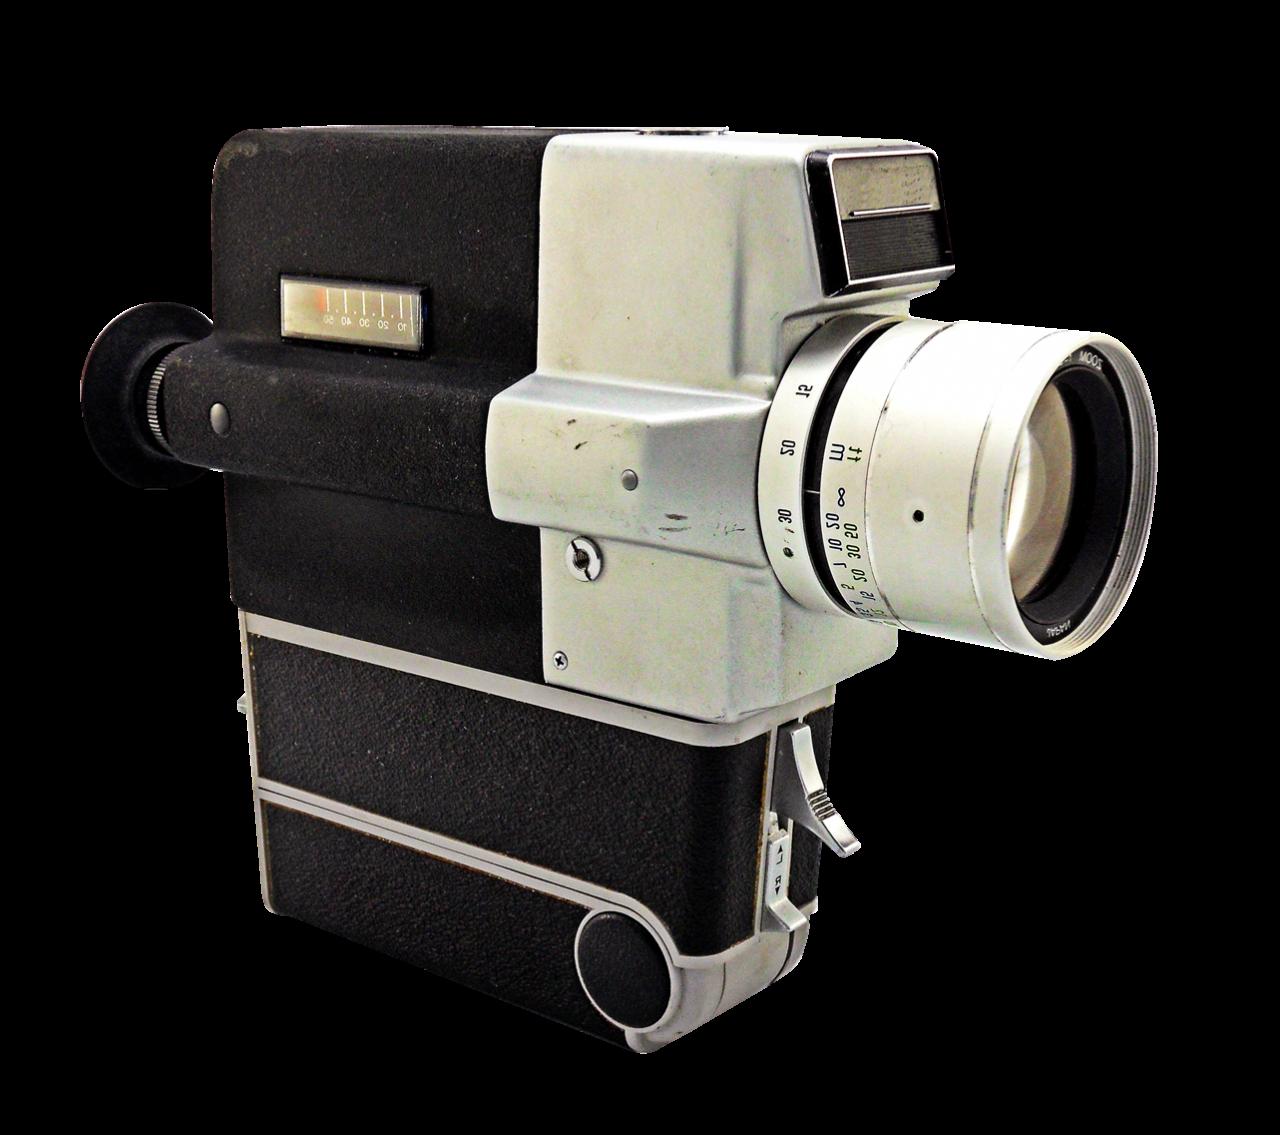 Vintage Camera PNG Image